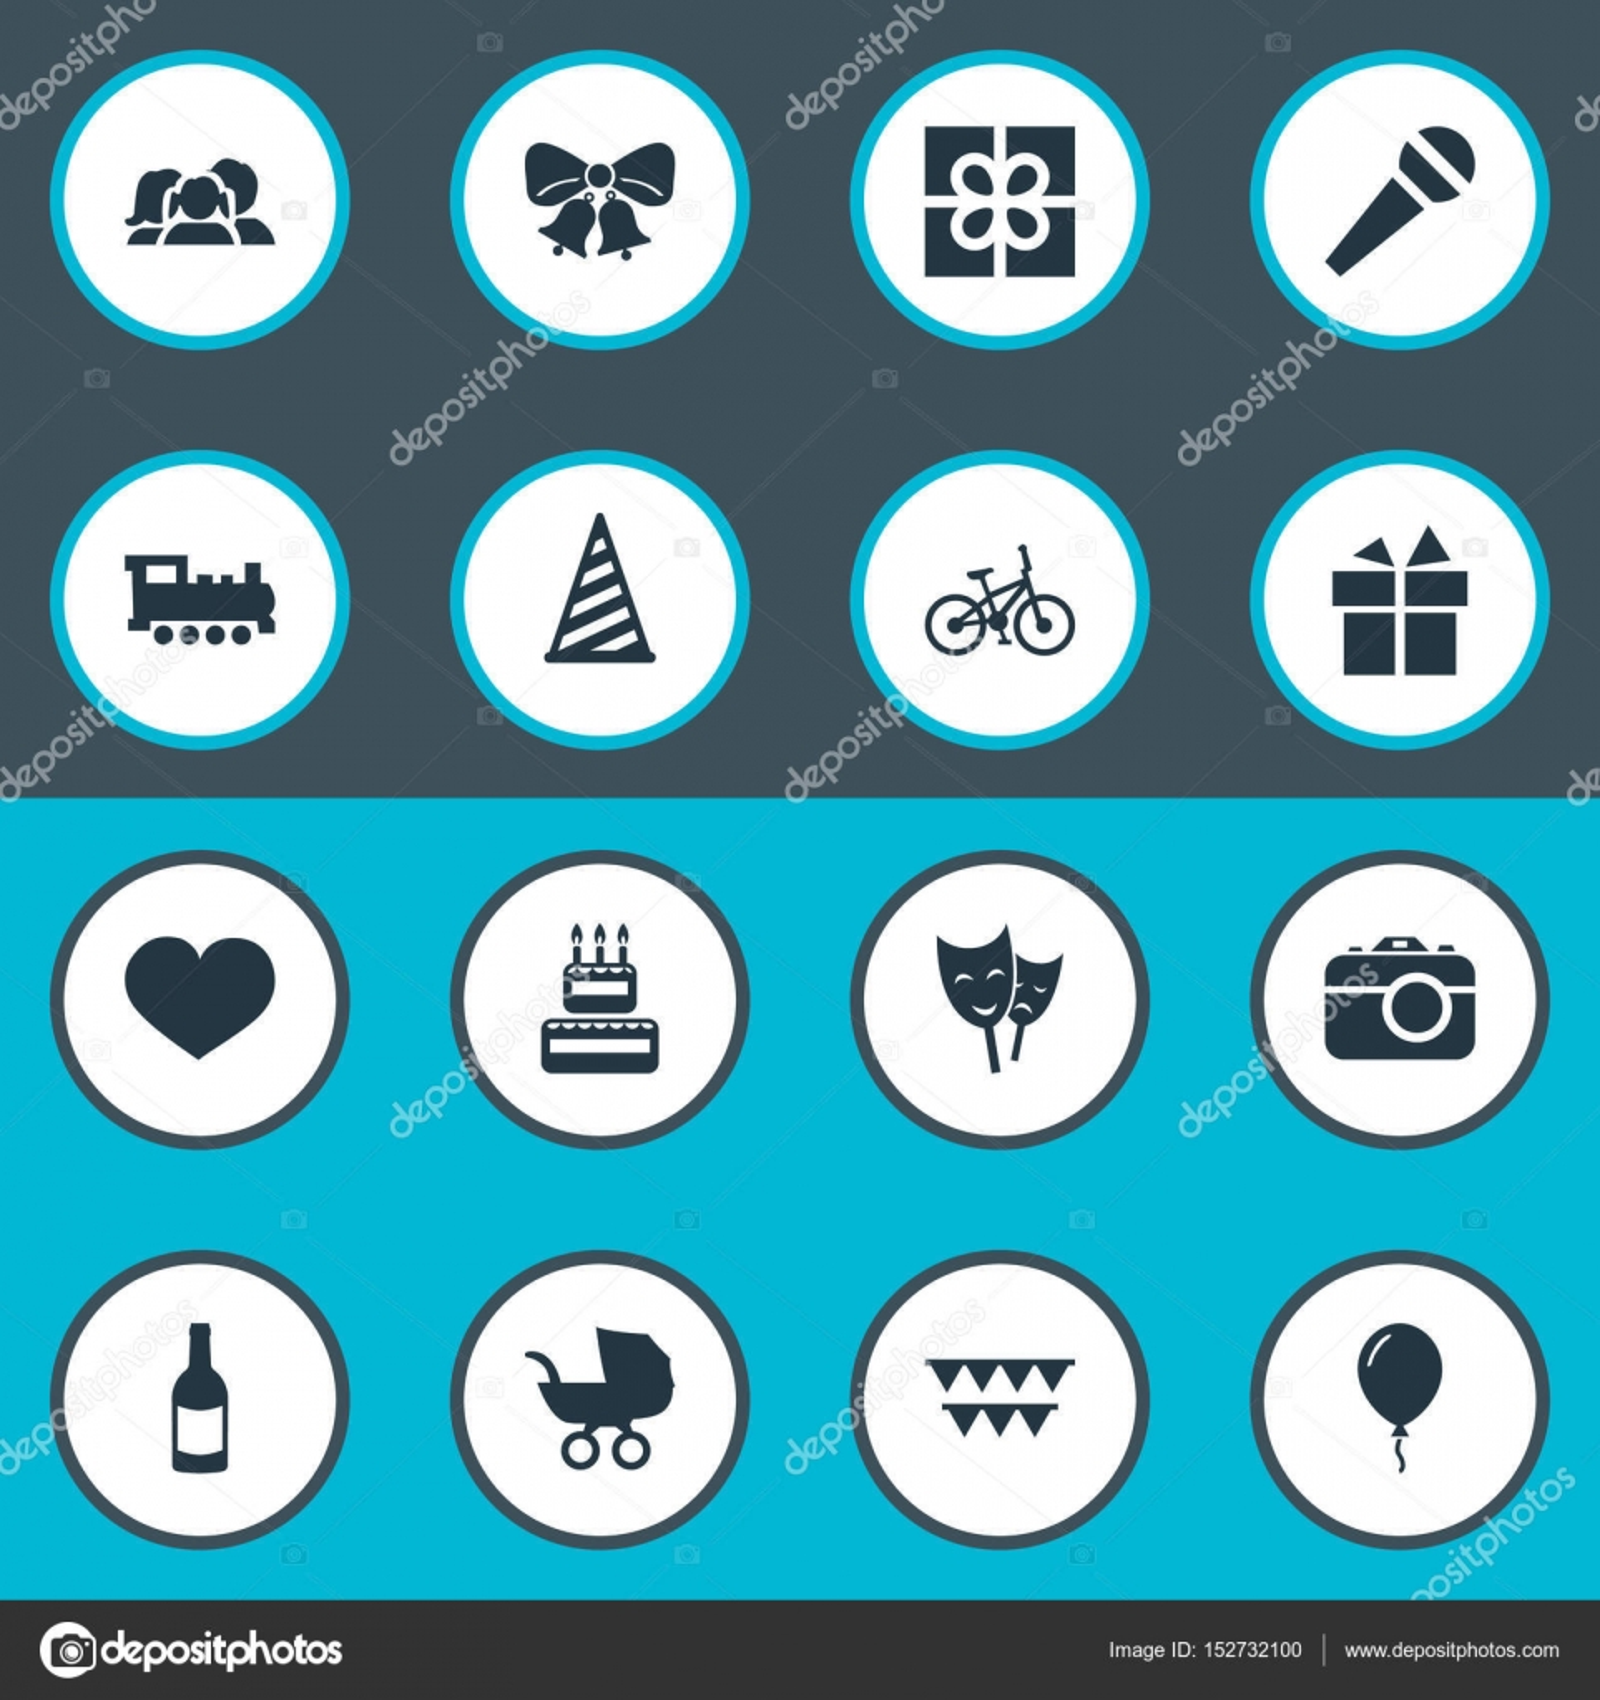 Vektor Illustration Set Von Einfachen Geburtstag Icons Elemente